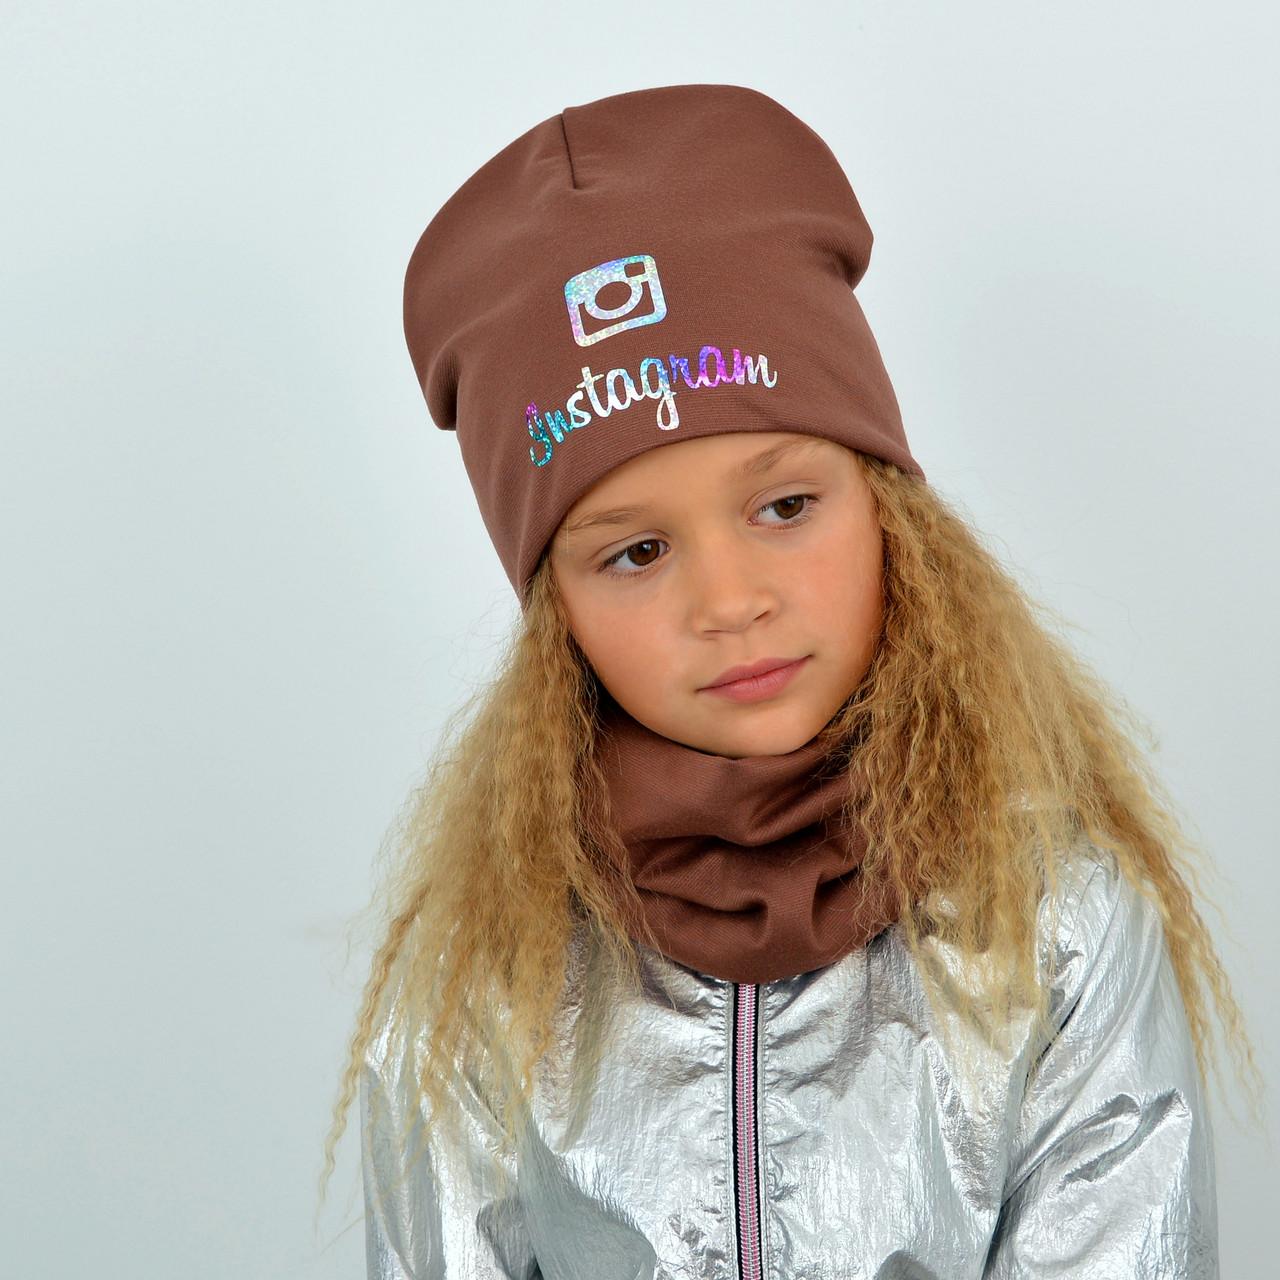 Детский трикотажный комплект на флисе оптом (шапка+хомут) Instagram коричневый+голограма